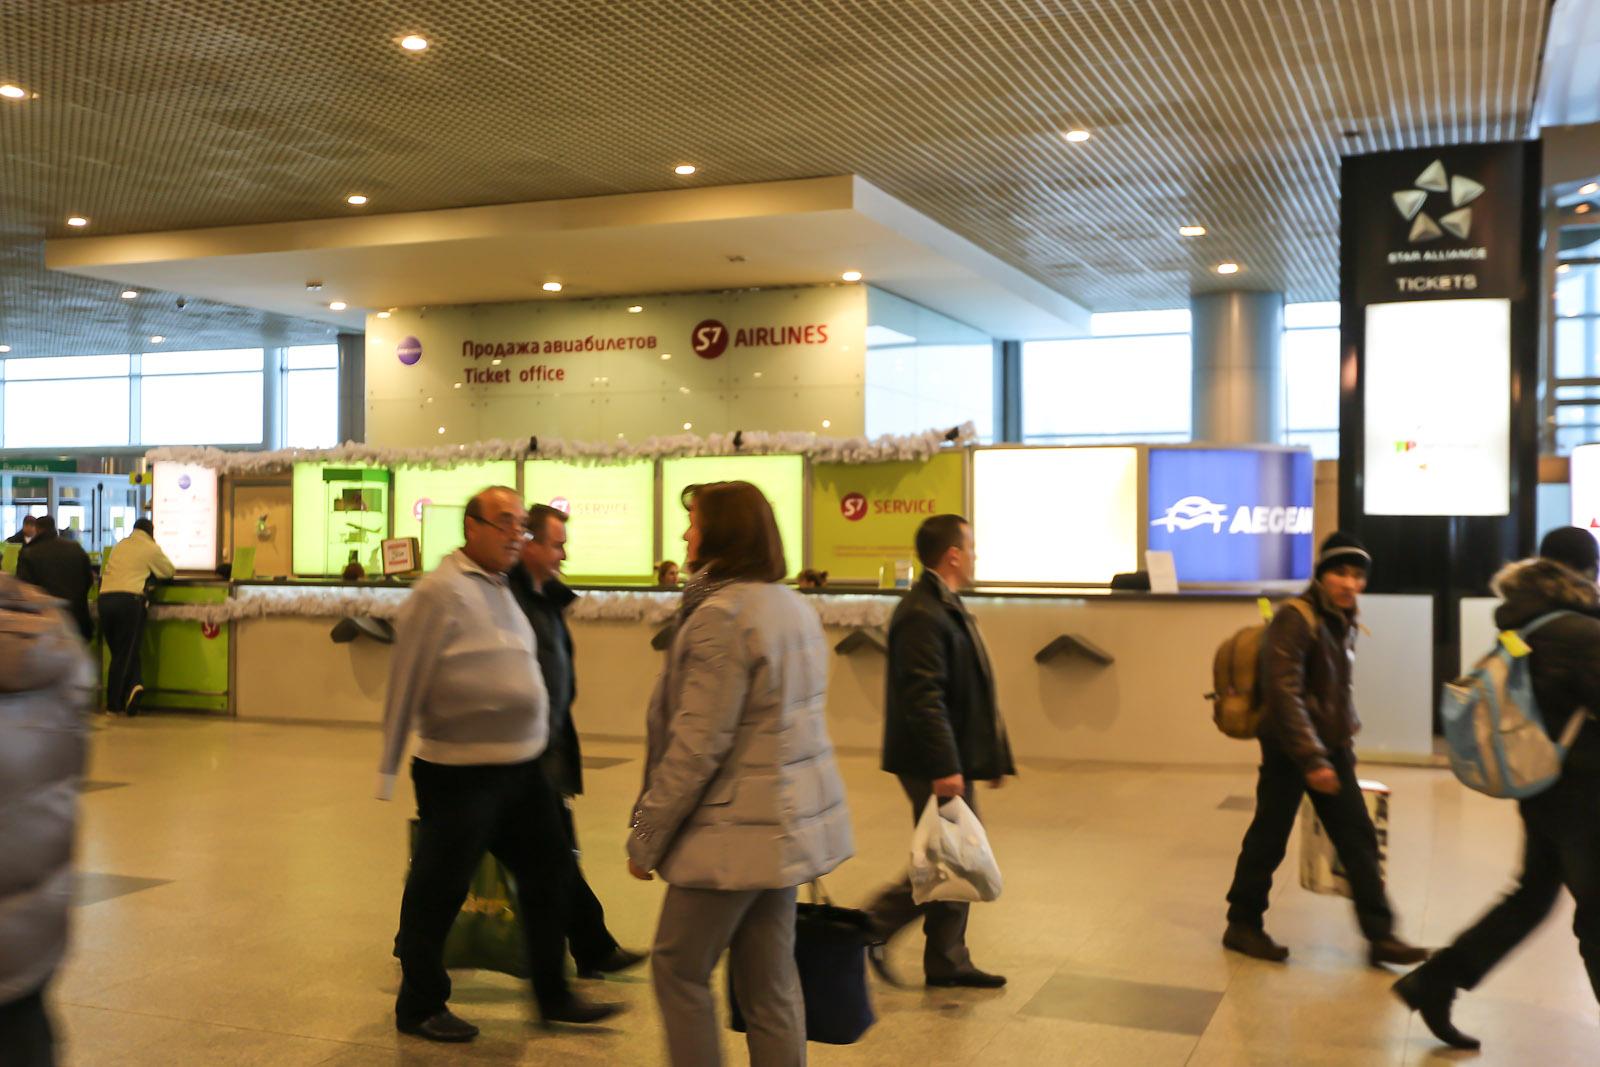 Билетные кассы S7 Airlines в аэропорту Домодедово